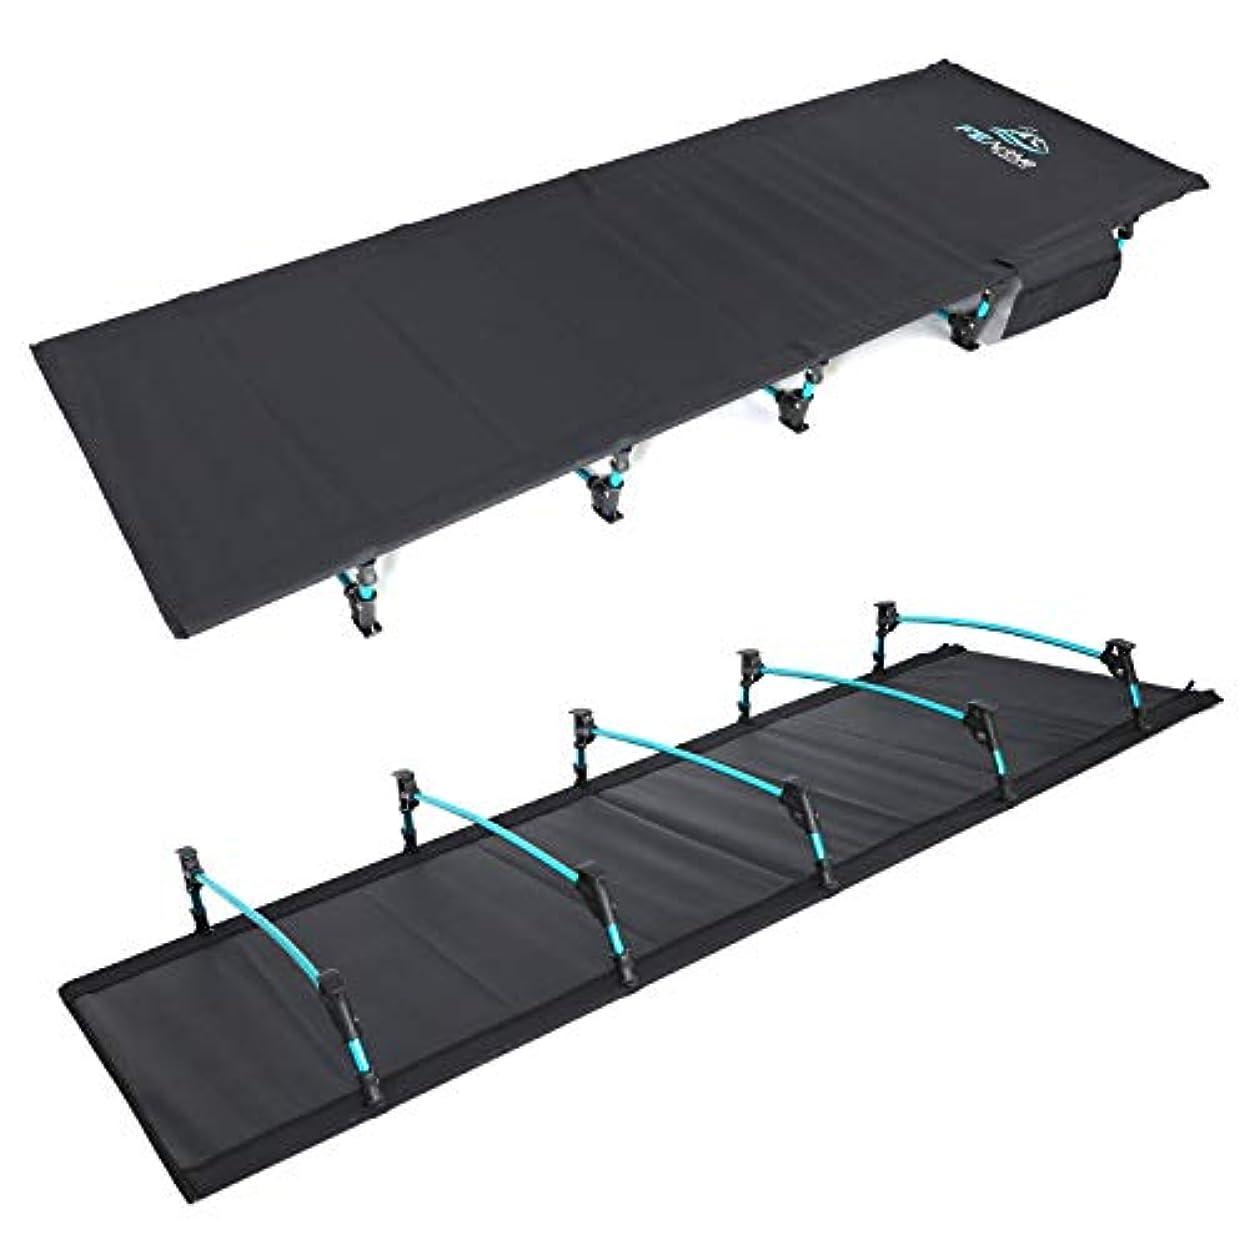 複雑な便利ベッツィトロットウッドFE Active –コンパクトな折りたたみ式ベッド、アルミニウム製 超軽量?持ち運び可能なキャンピングベッド、ハイキング?トレッキング?バックパッキング用 | デザイン:アメリカ?カリフォルニア